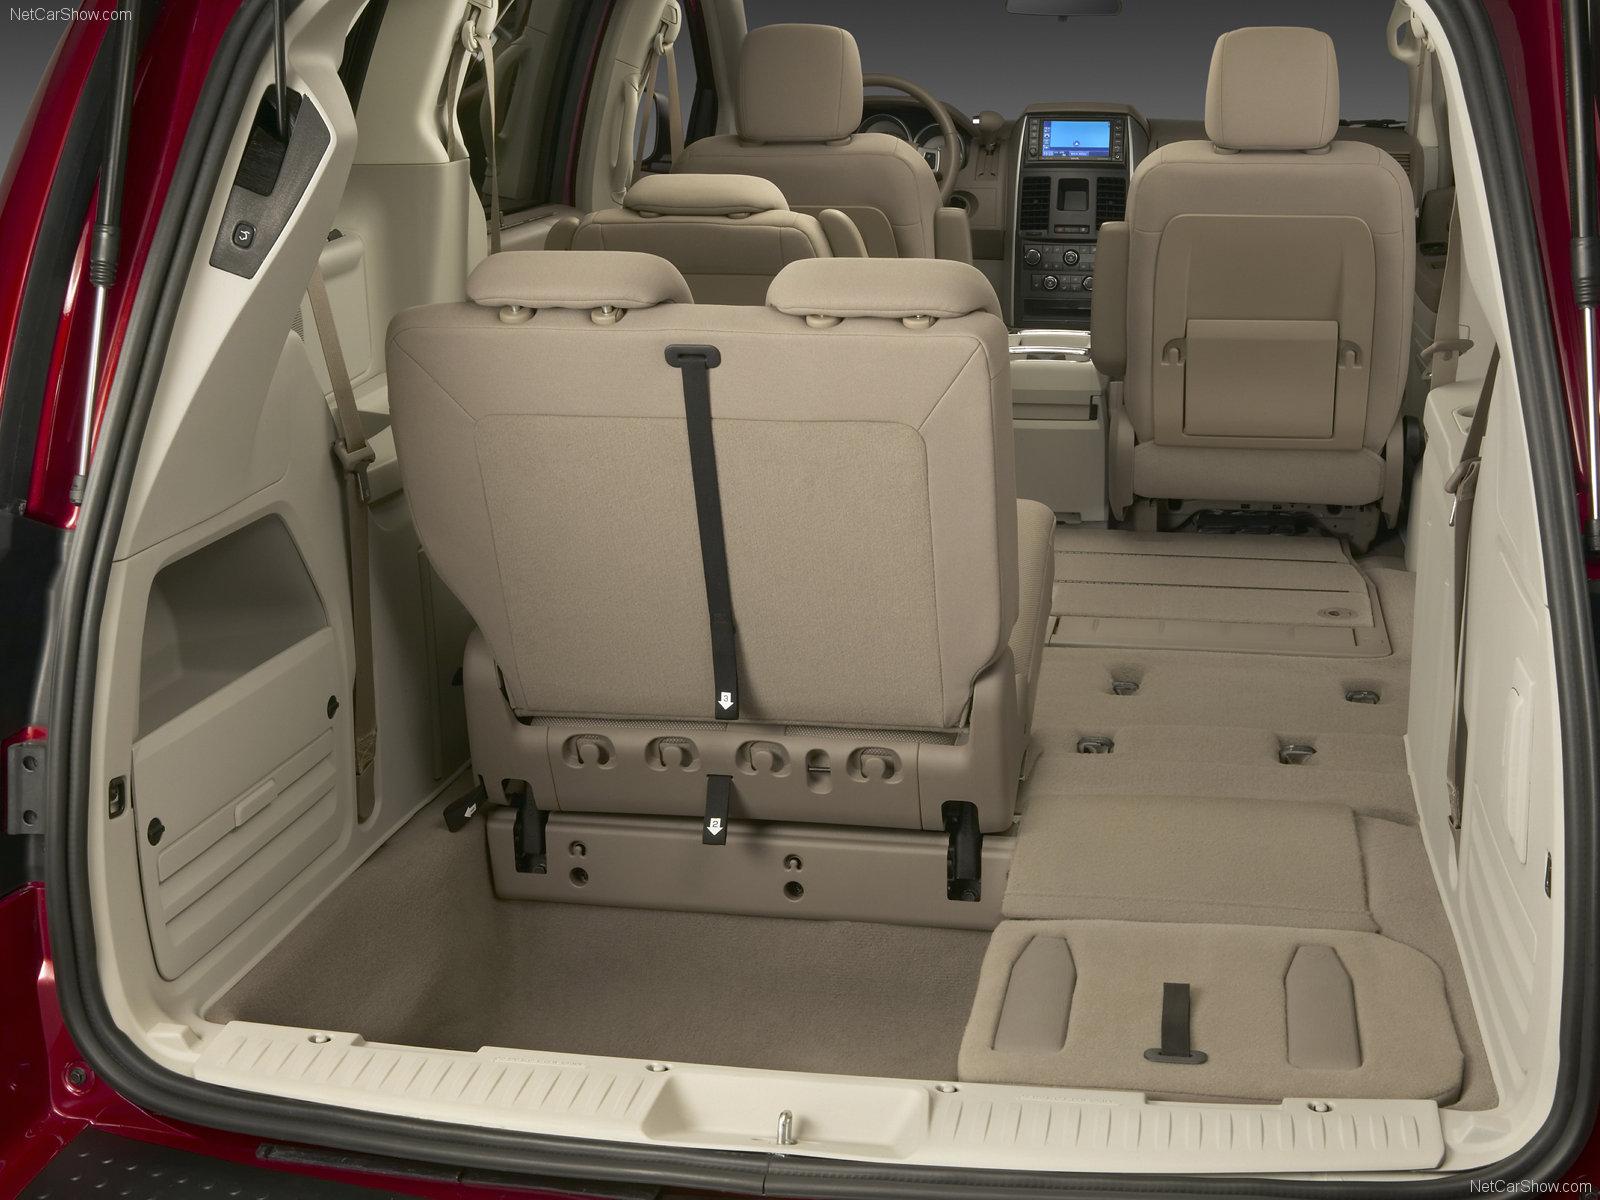 fwd new downey van plus inventory se grand in caravan dodge passenger